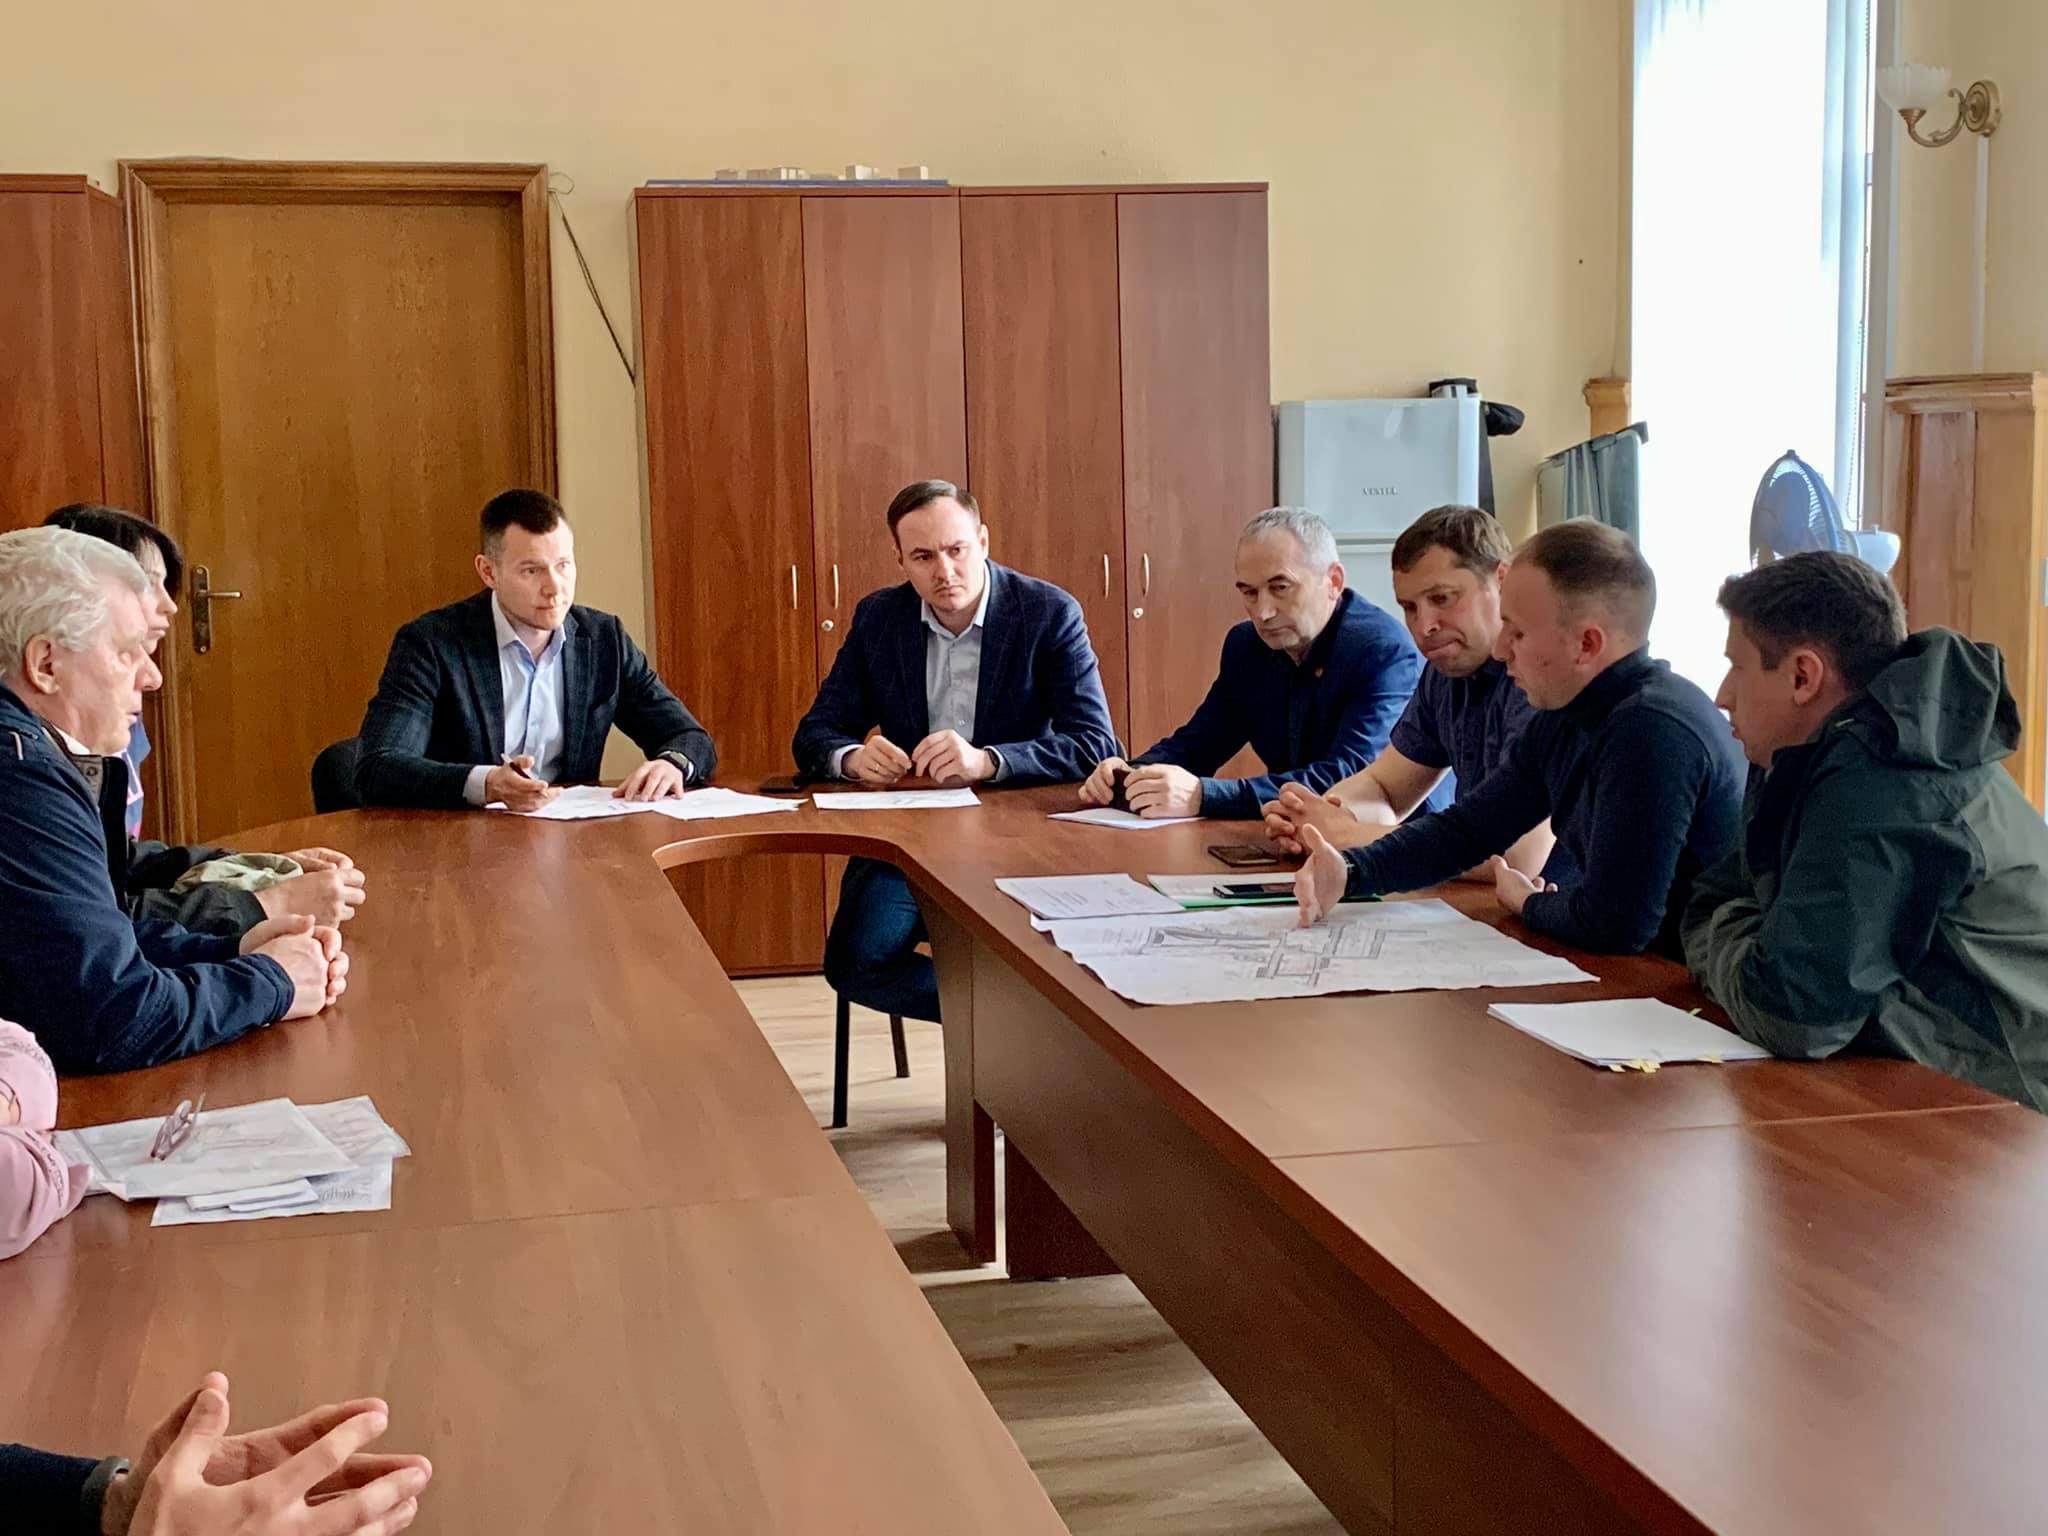 В ходе торгов на благоустройство двора в Ростове удалось сэкономить почти два миллиона рублей